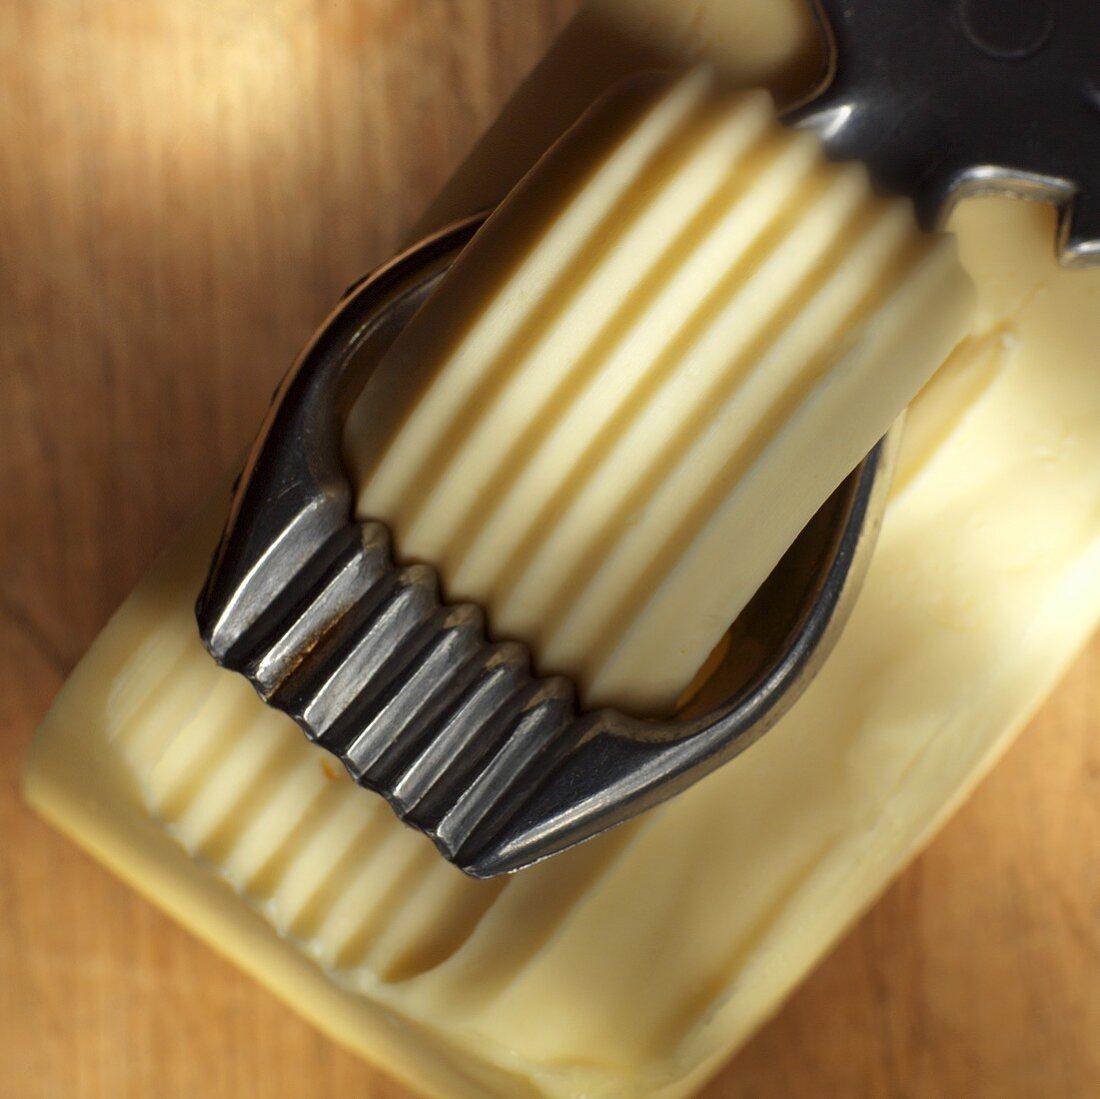 Butter curler making butter curl from block of butter